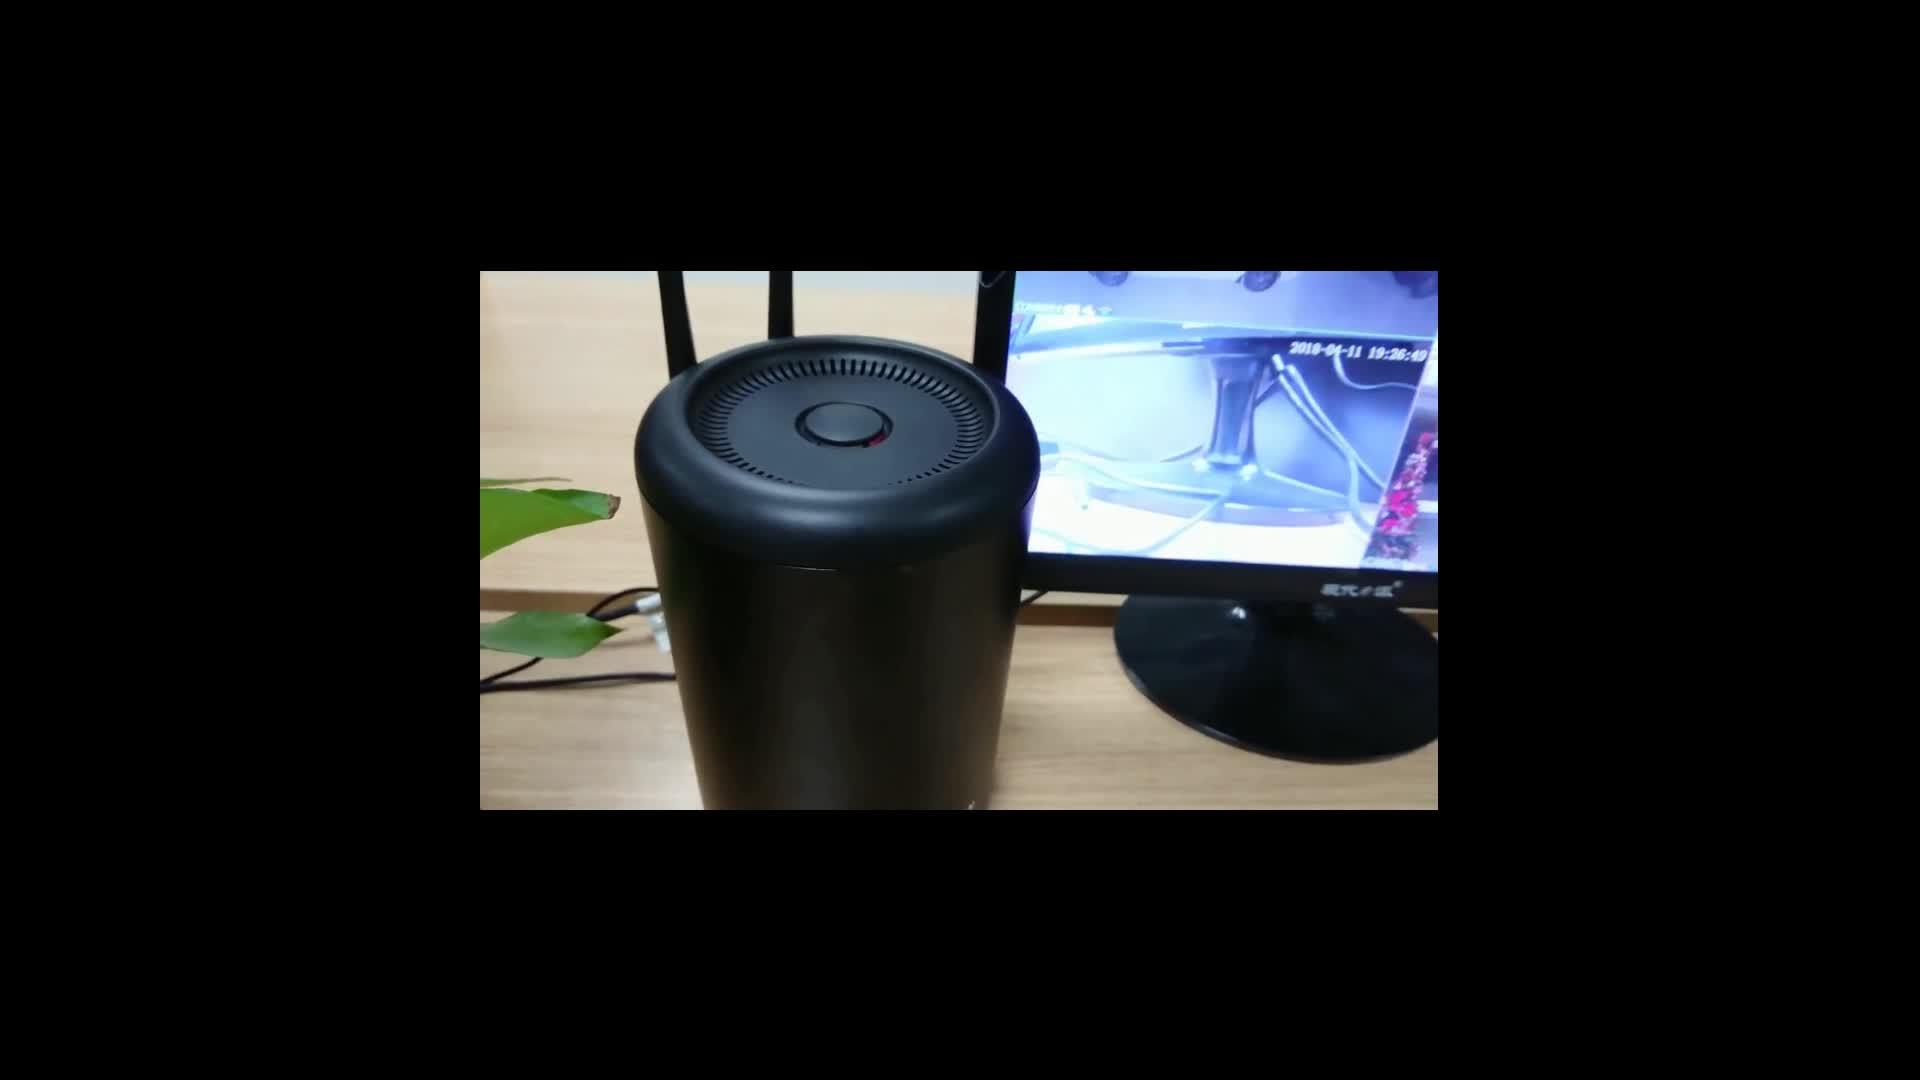 高品質フル Hd 8CH 8 個 1.0 MP 720 1080P p2p 屋外無線 lan IP カメラ 8 チャンネル 1080 1080p ネットワークビデオレコーダー NVR CCTV システム